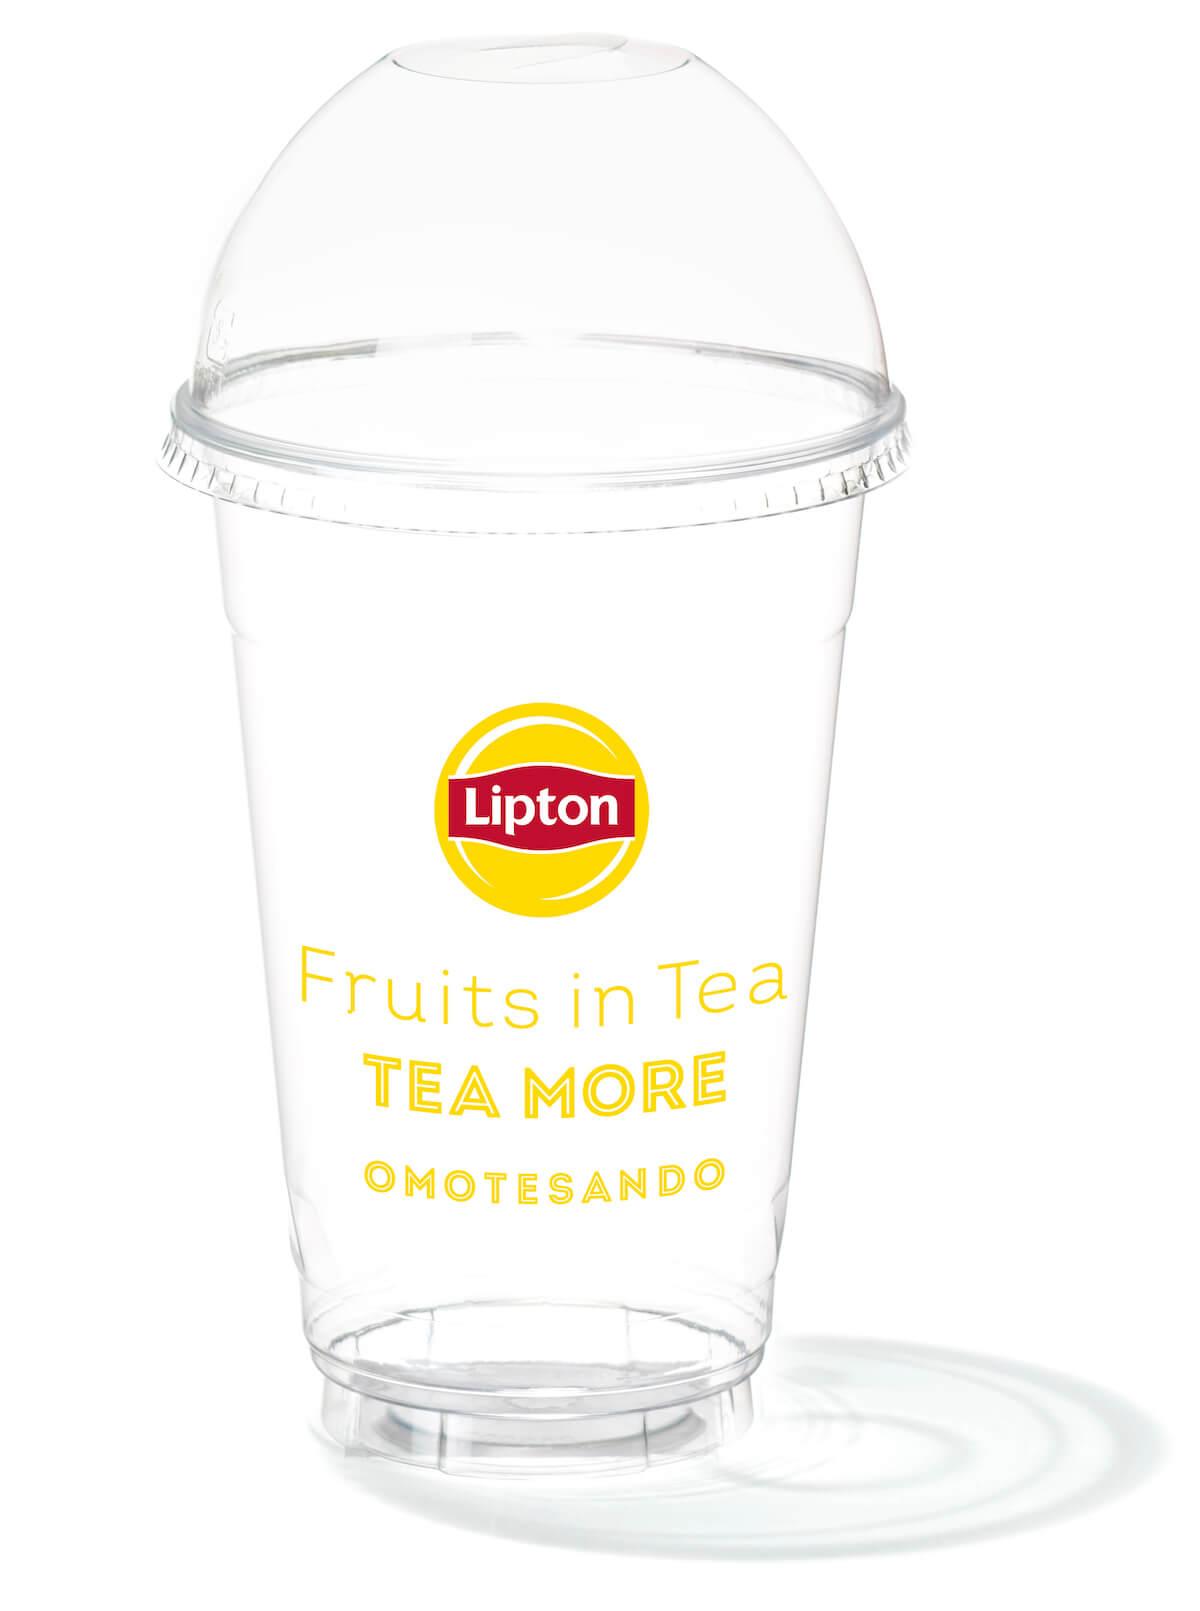 自由にカスタマイズ「新感覚アイスティーポップ」って? 「Fruits in Tea TEA MORE OMOTESANDO」期間限定オープン gourmet190613fruitsintea-omotesando_7